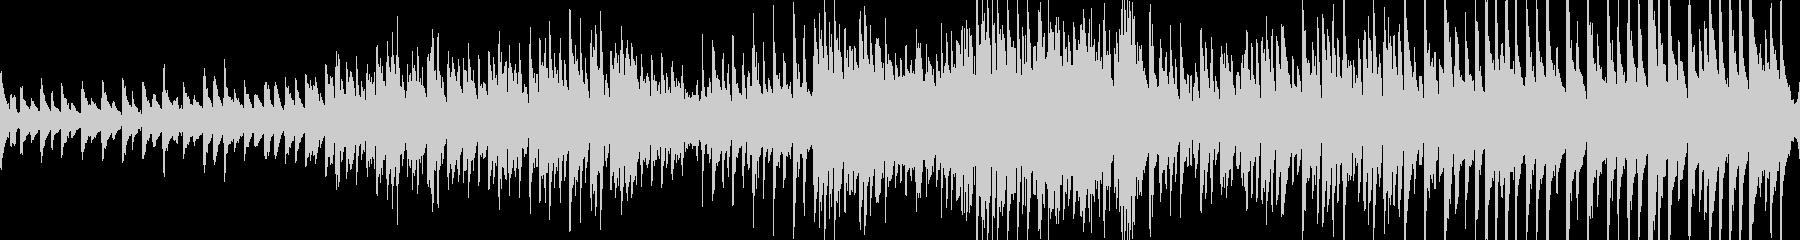 有名なカノンのピアノエレクトロニカ。の未再生の波形